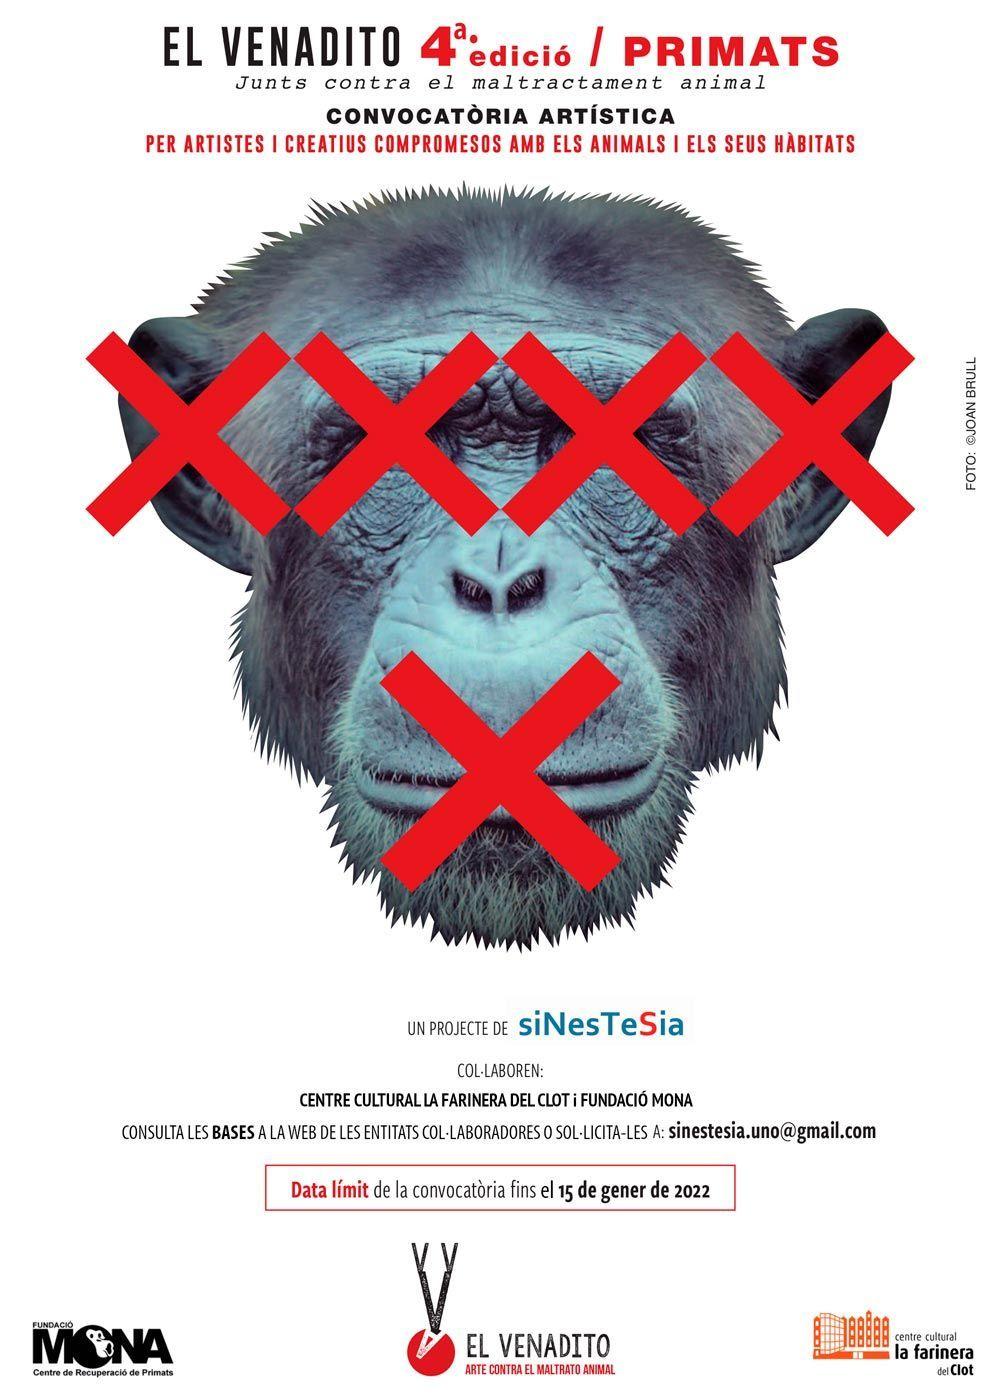 El Venadito: 4ª edición de la muestra de arte contra el maltrato animal